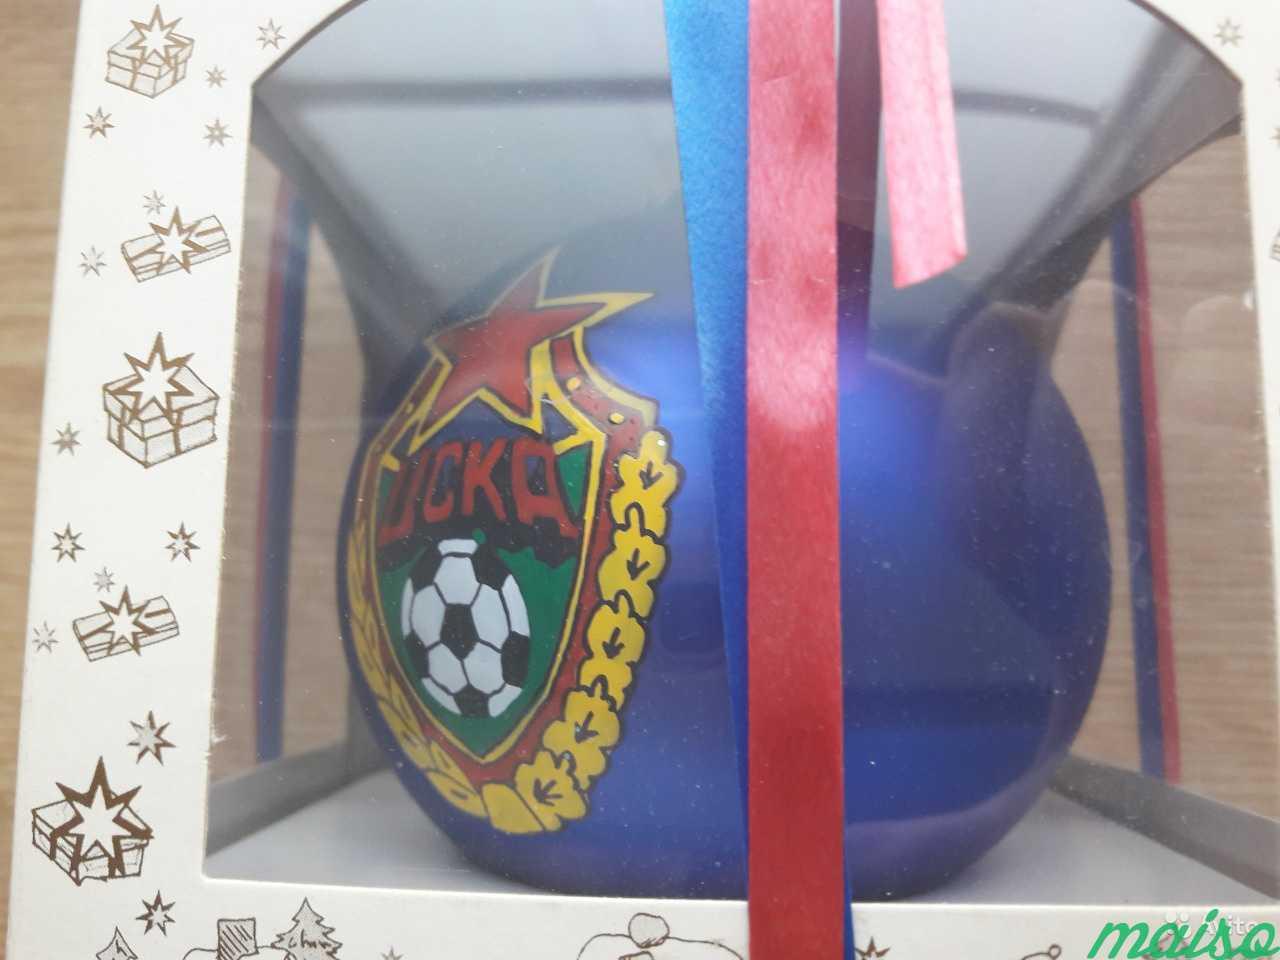 Елочный шар с эмблемой фк цска (ручная работа) в Москве. Фото 1